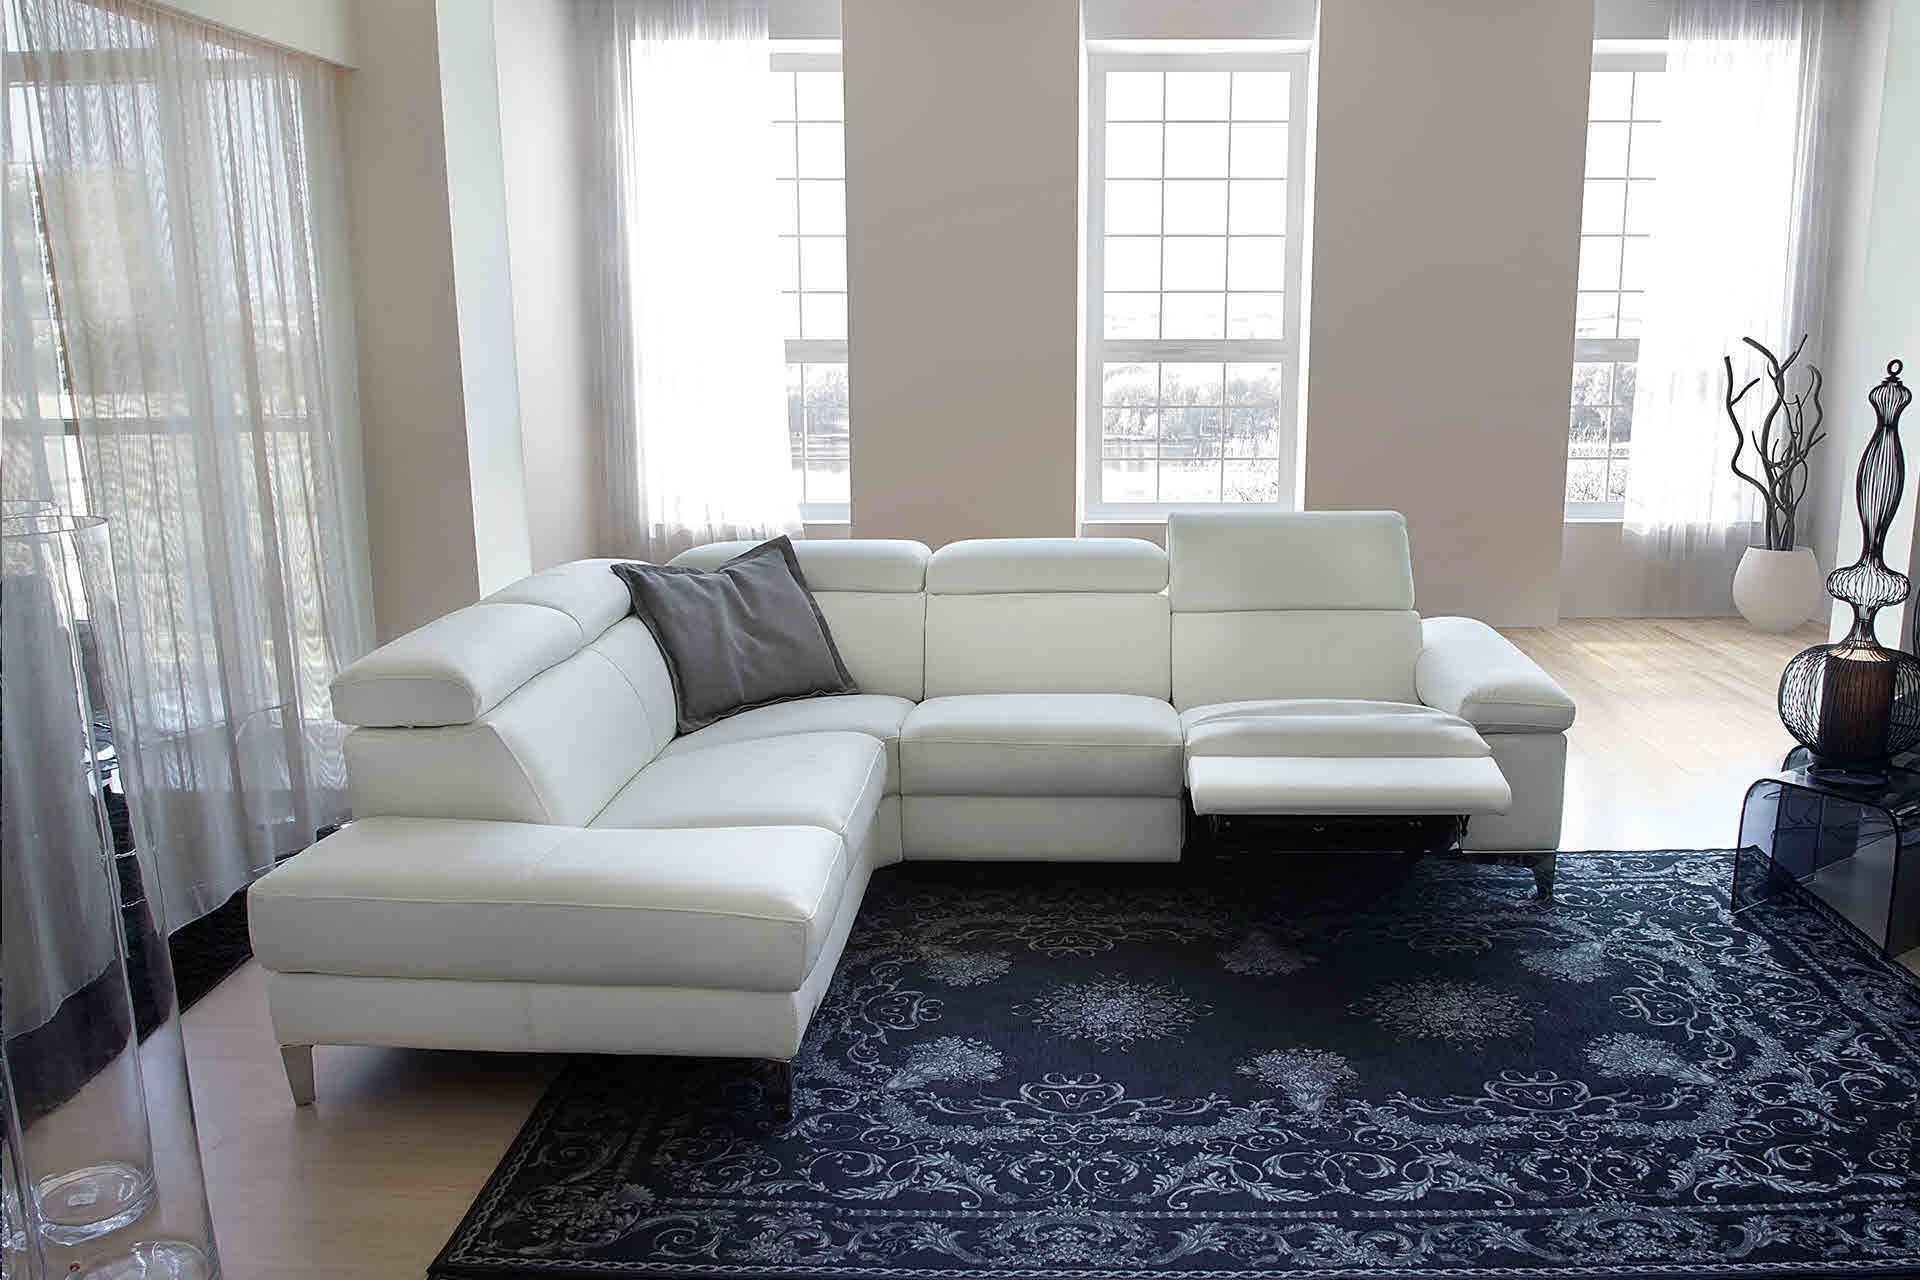 Promo sconto 48 divano pelle nicoletti home mod megan for Divano nicoletti